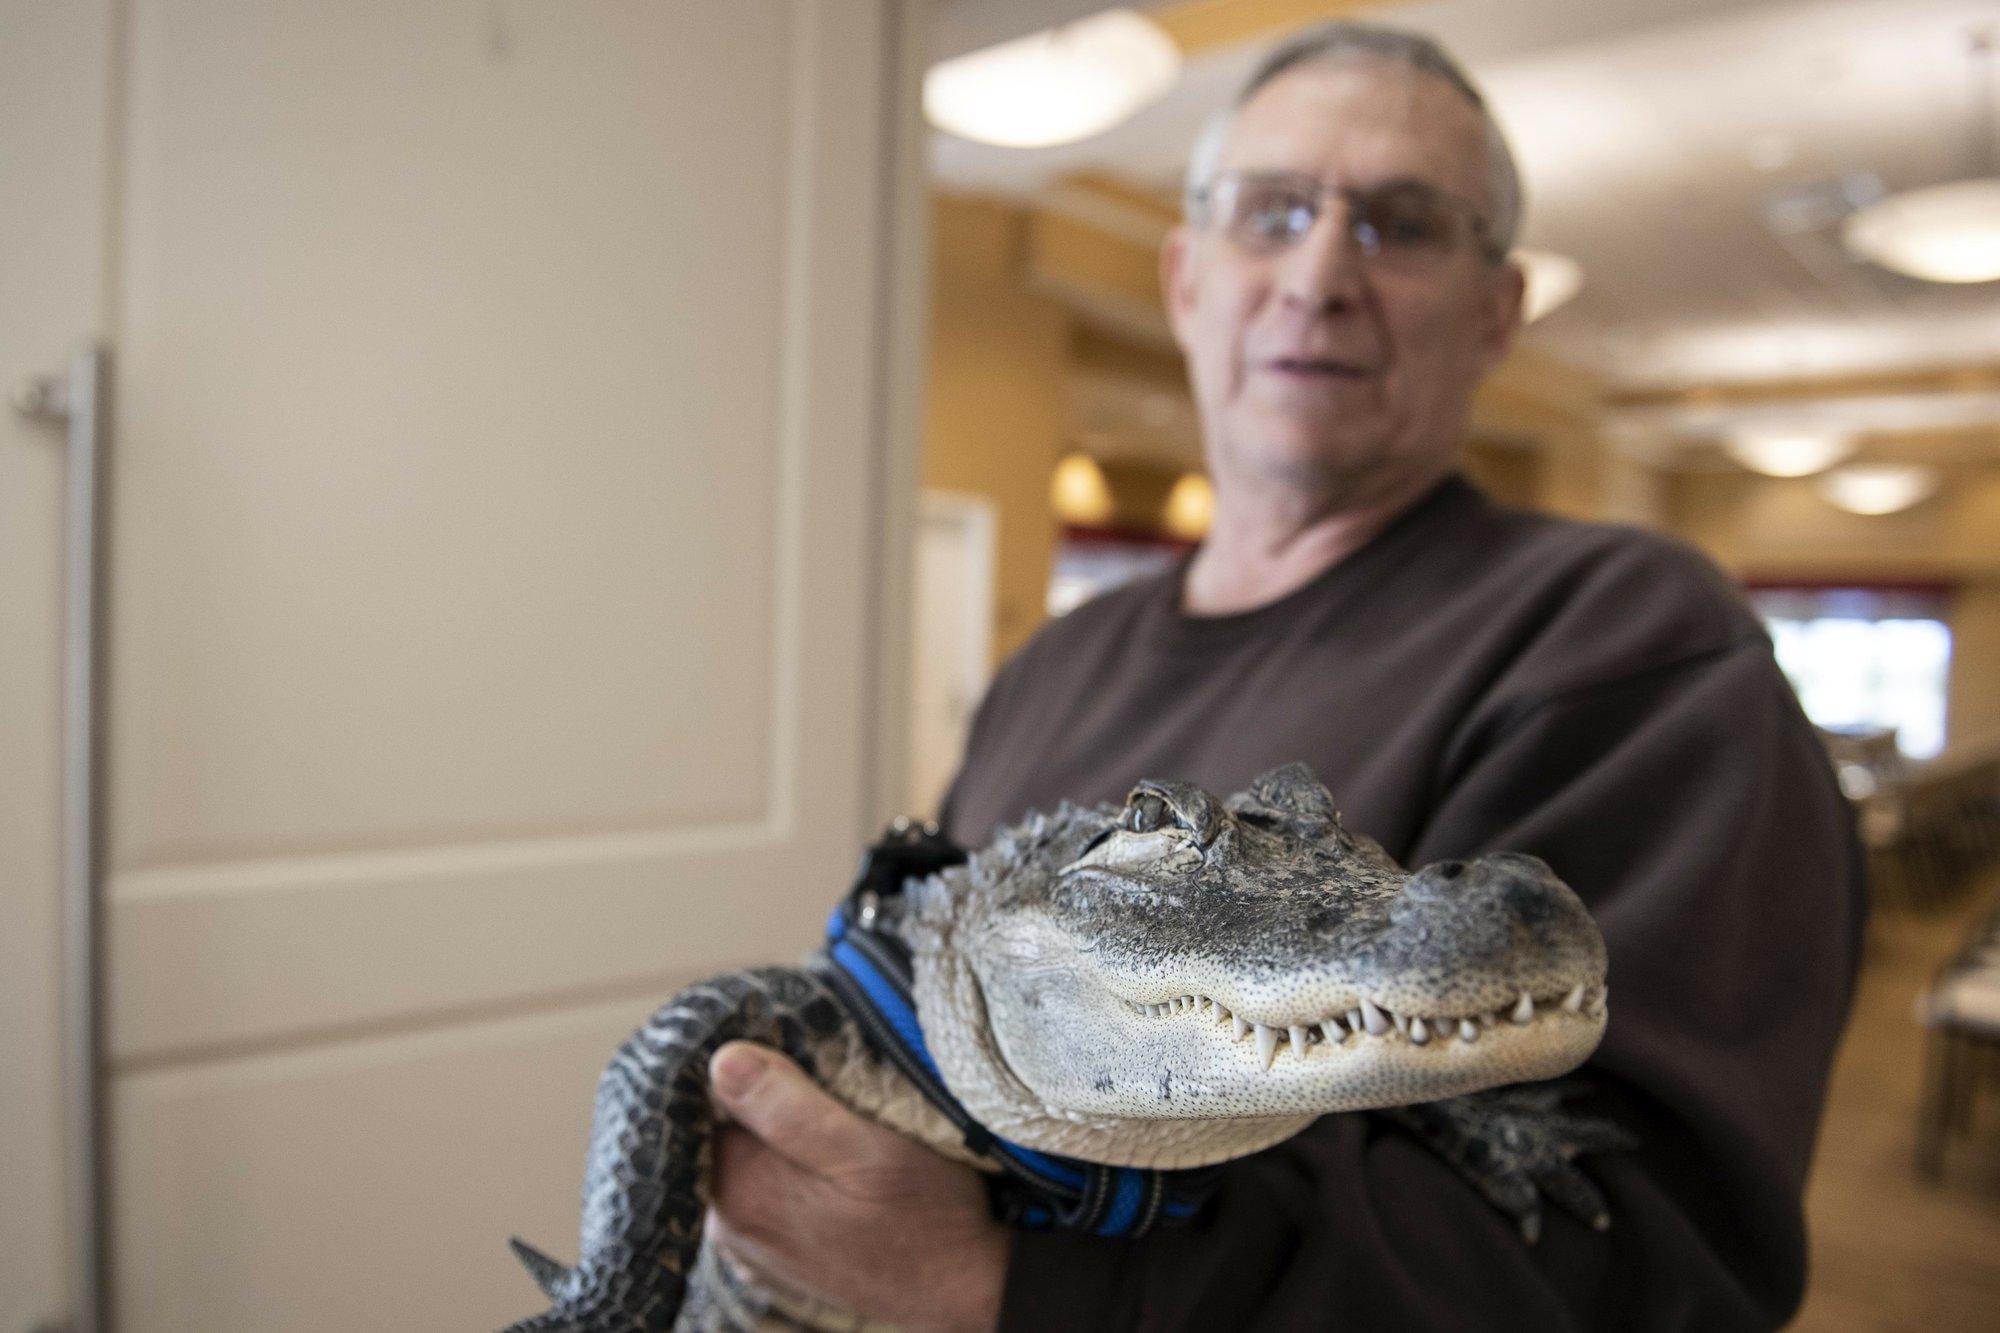 joie henney support alligator ap_1548381291975.jpeg.jpg